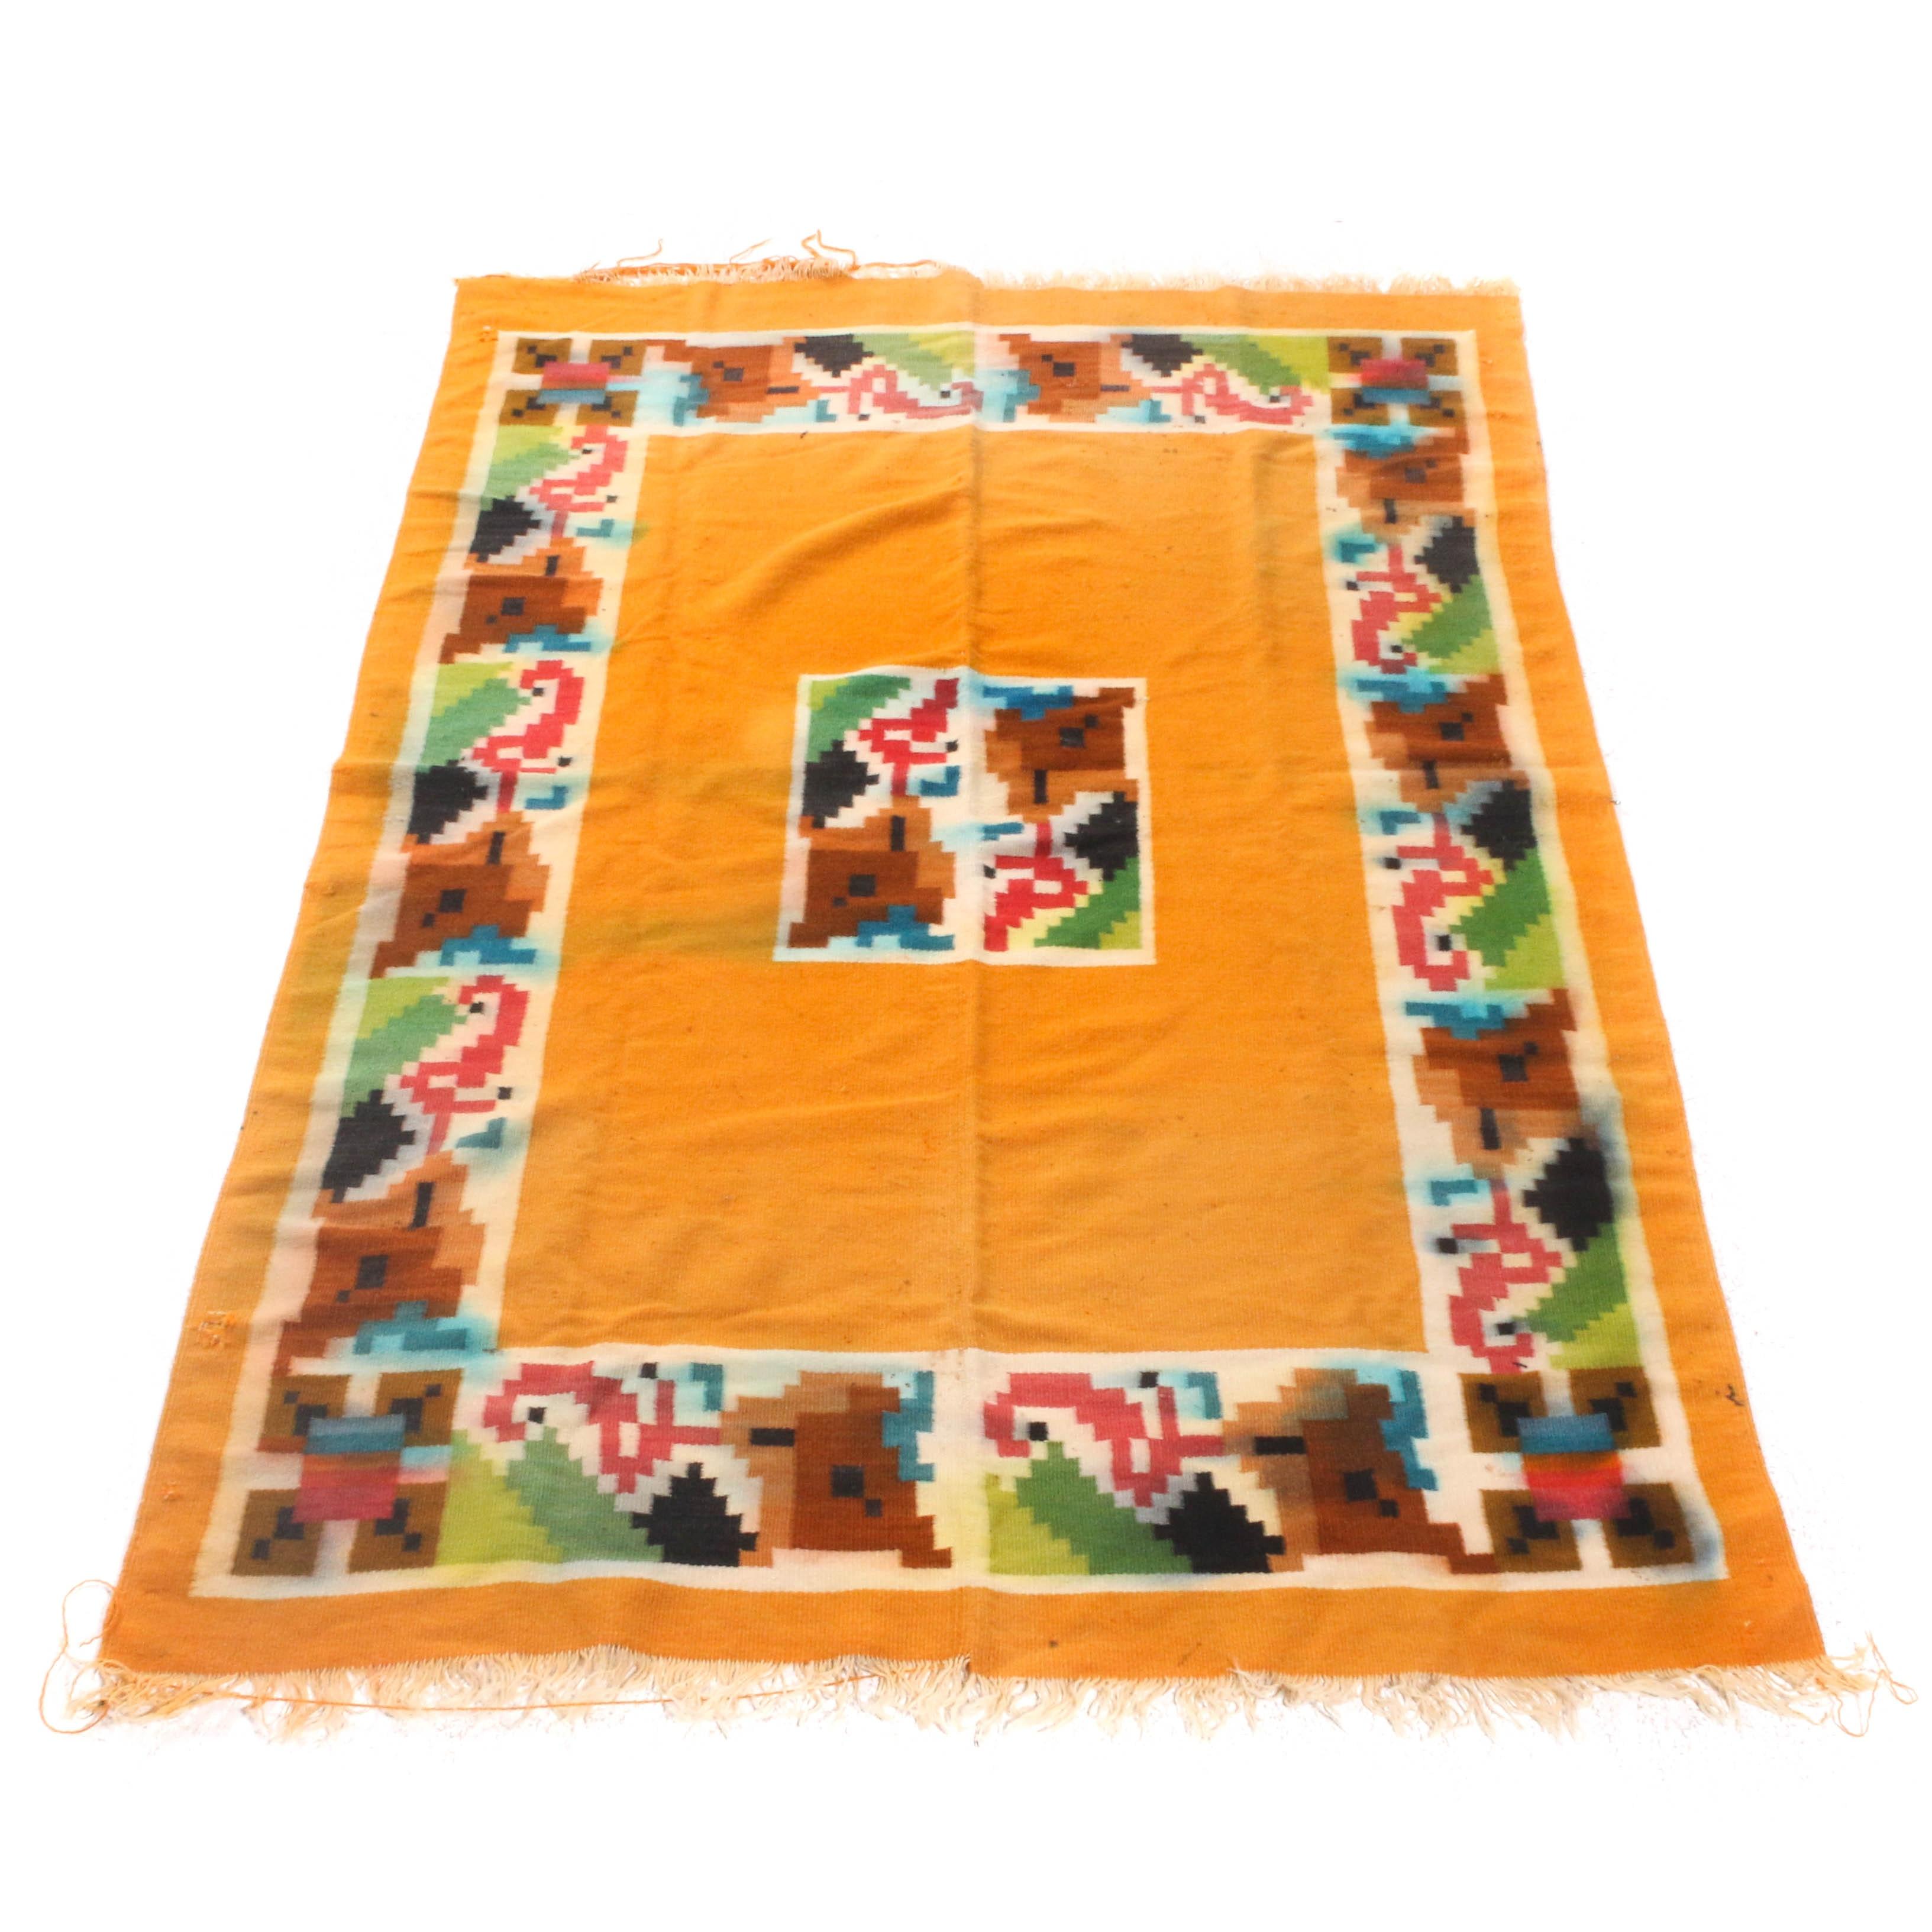 Native American Style Handwoven Wool Blanket, Vintage